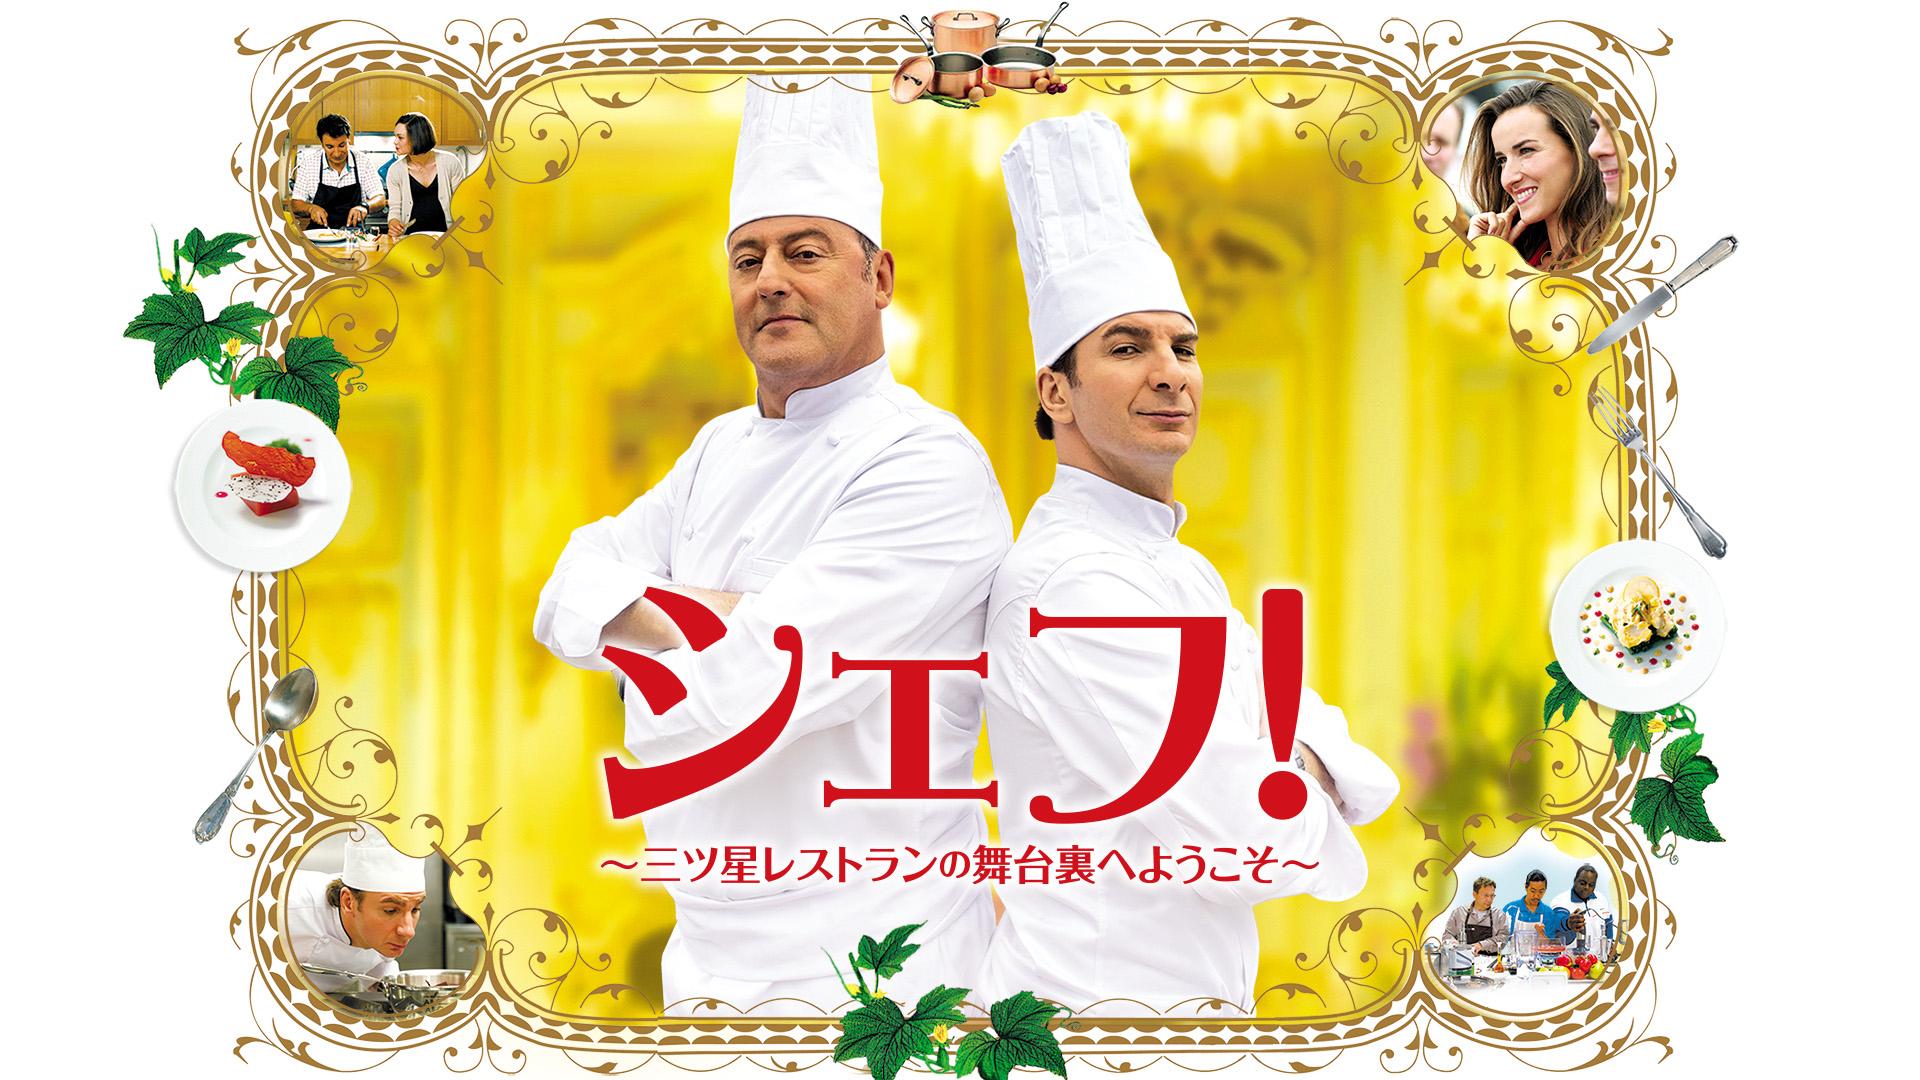 シェフ!〜三ツ星レストランの舞台裏へようこそ〜 (字幕版)